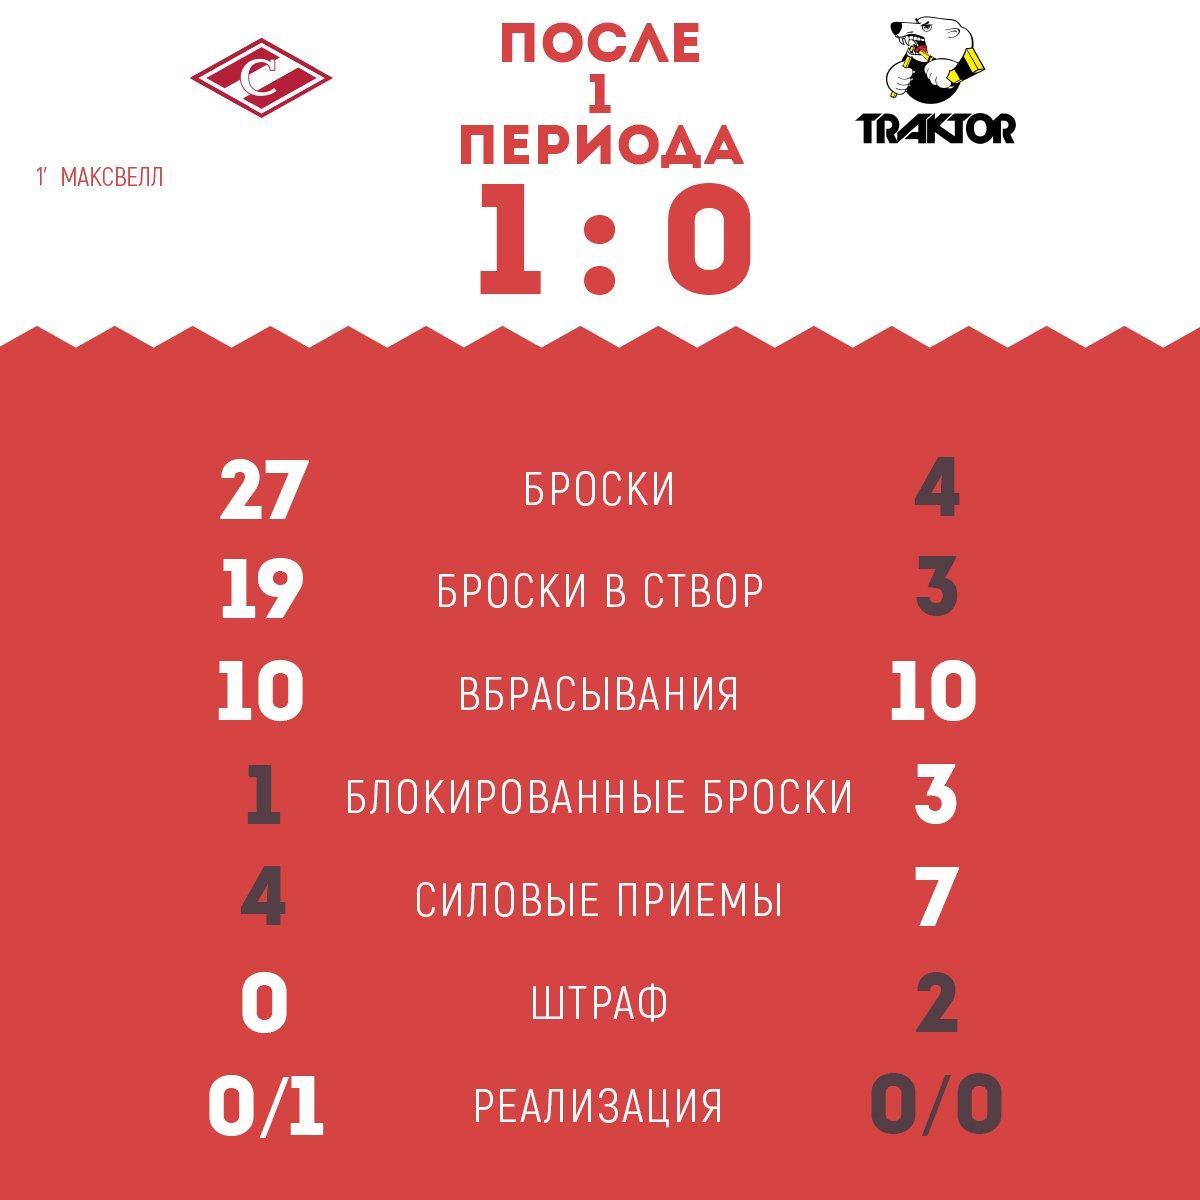 Статистика матча «Спартак» vs «Трактор» после 1-го периода.